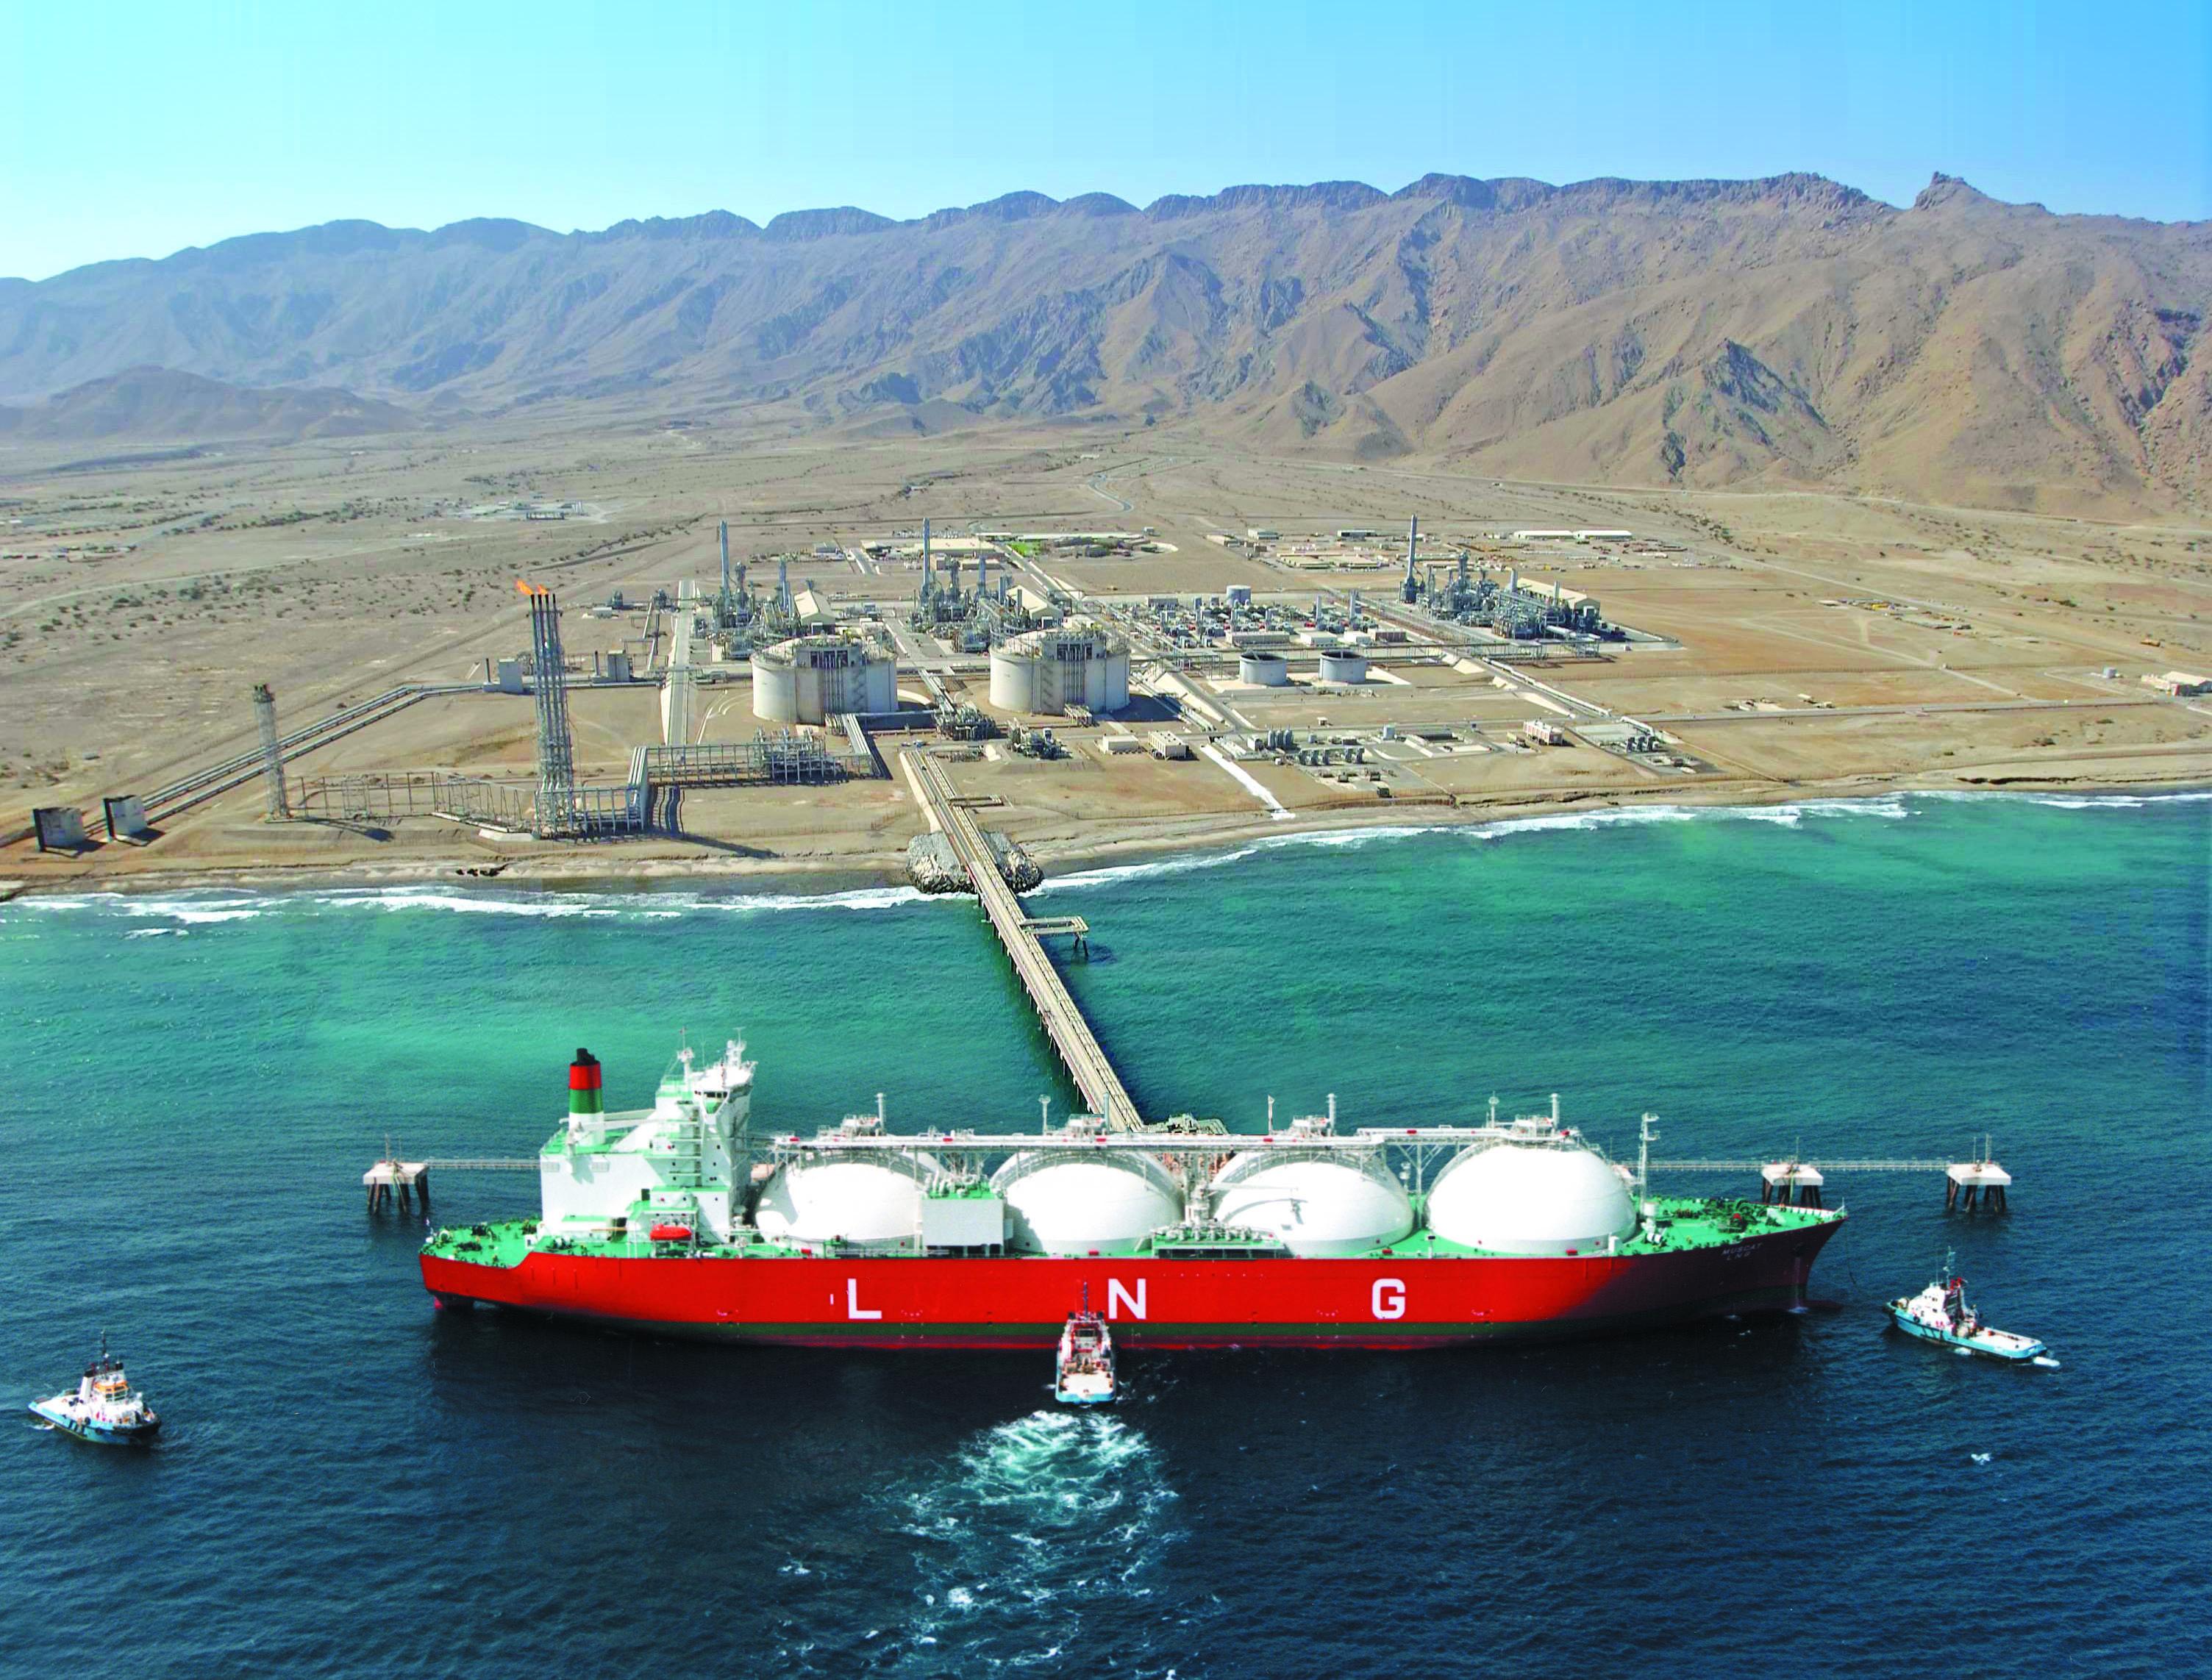 Oman LNG's production hits 8.5 million tonnes